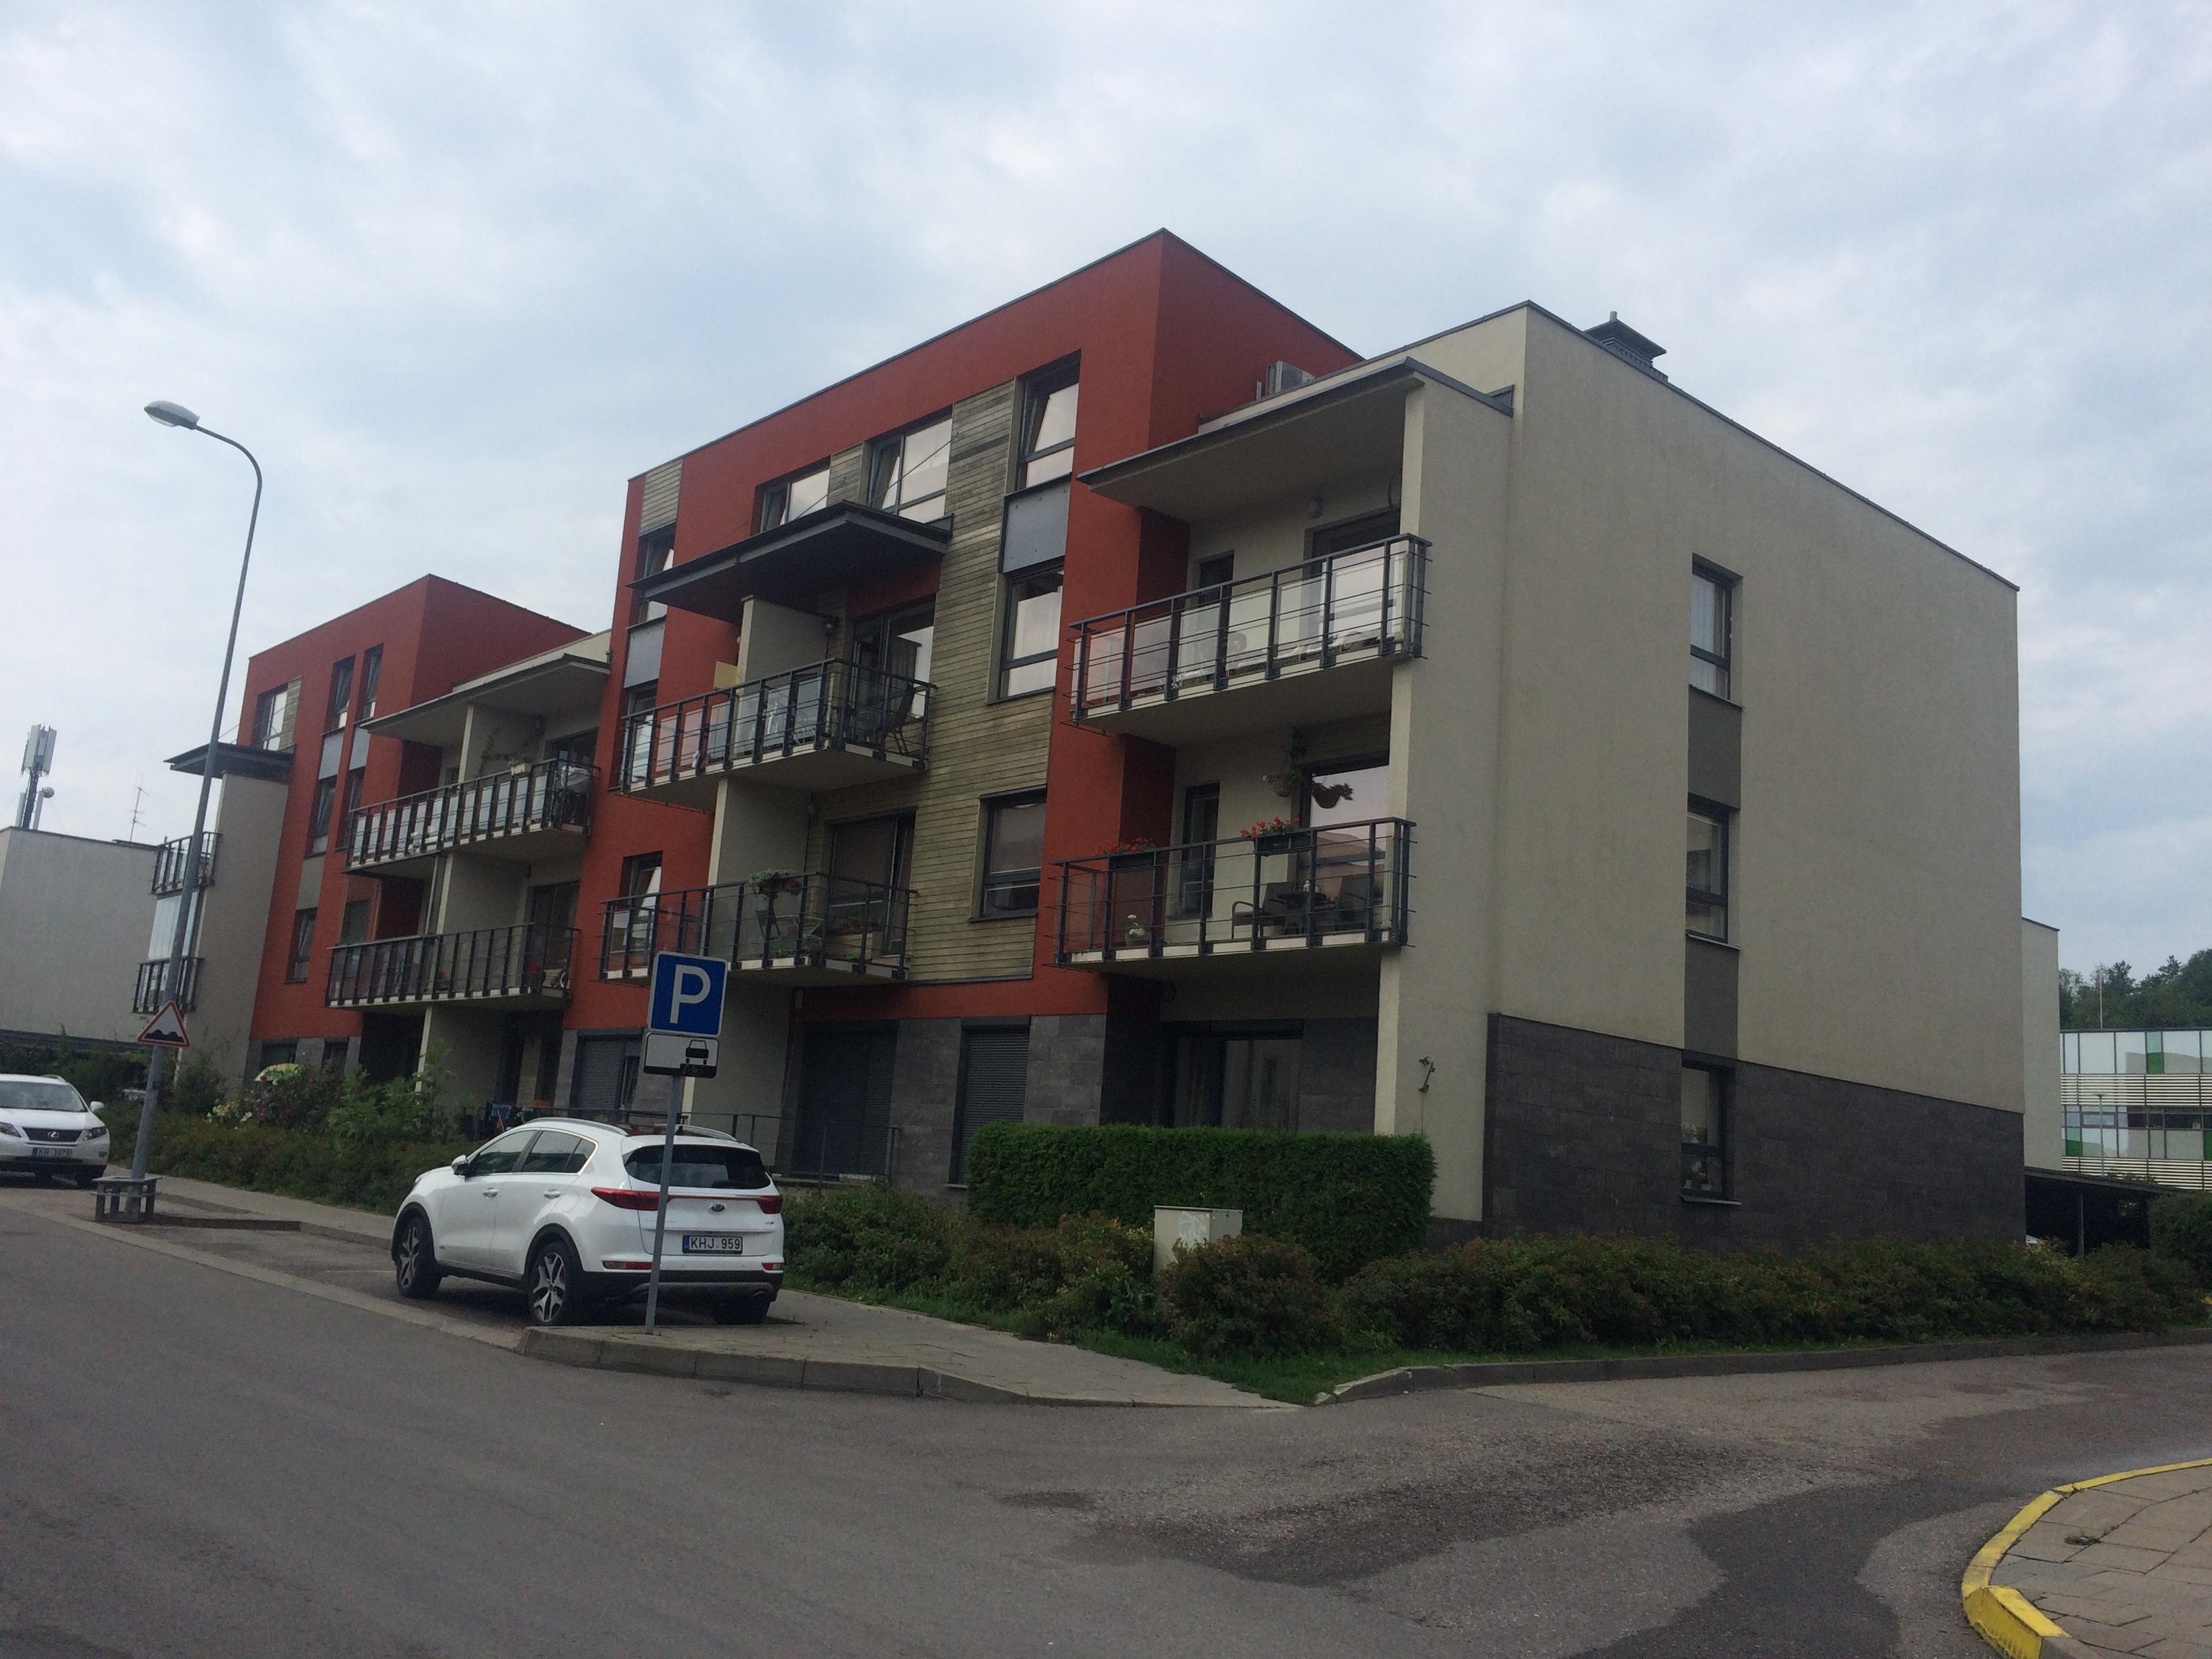 Santariškių g. 35